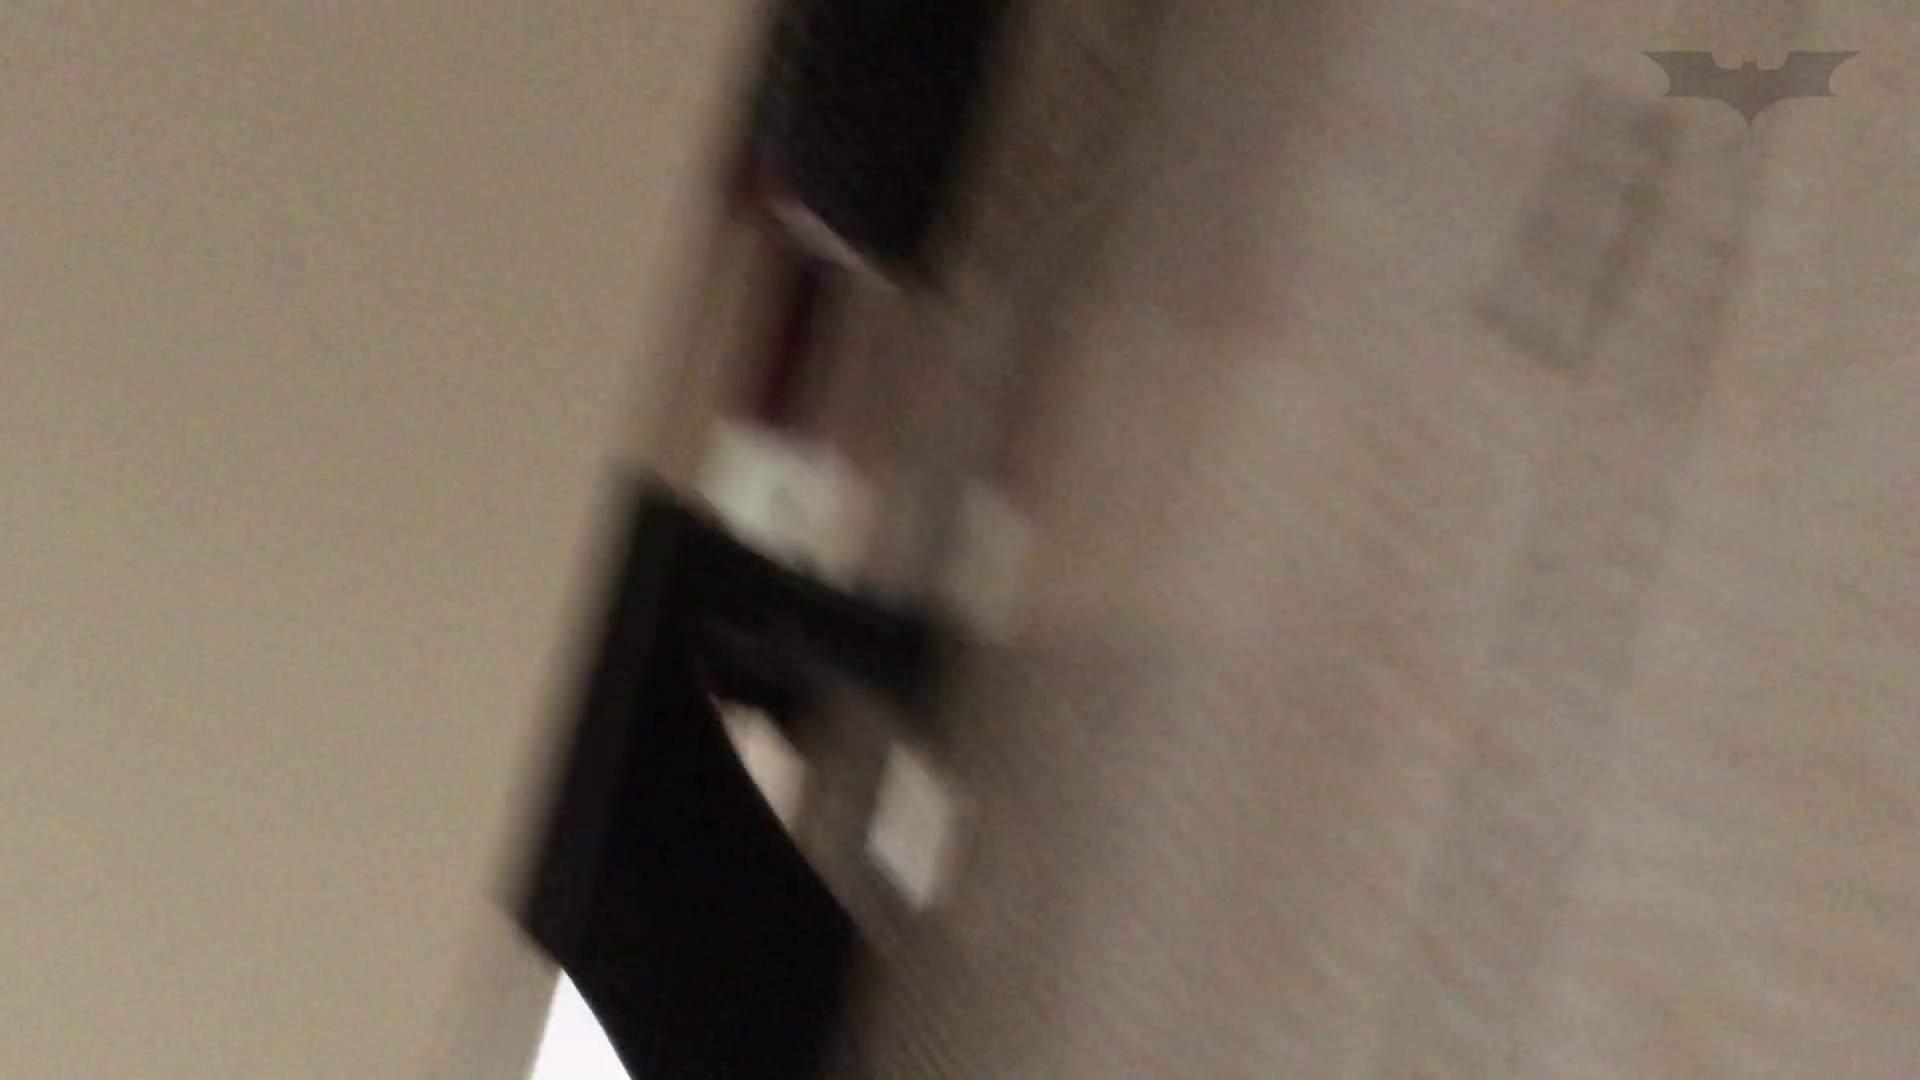 芸術大学ガチ潜入盗撮 JD盗撮 美女の洗面所の秘密 Vol.111 ギャル攻め 戯れ無修正画像 96画像 86